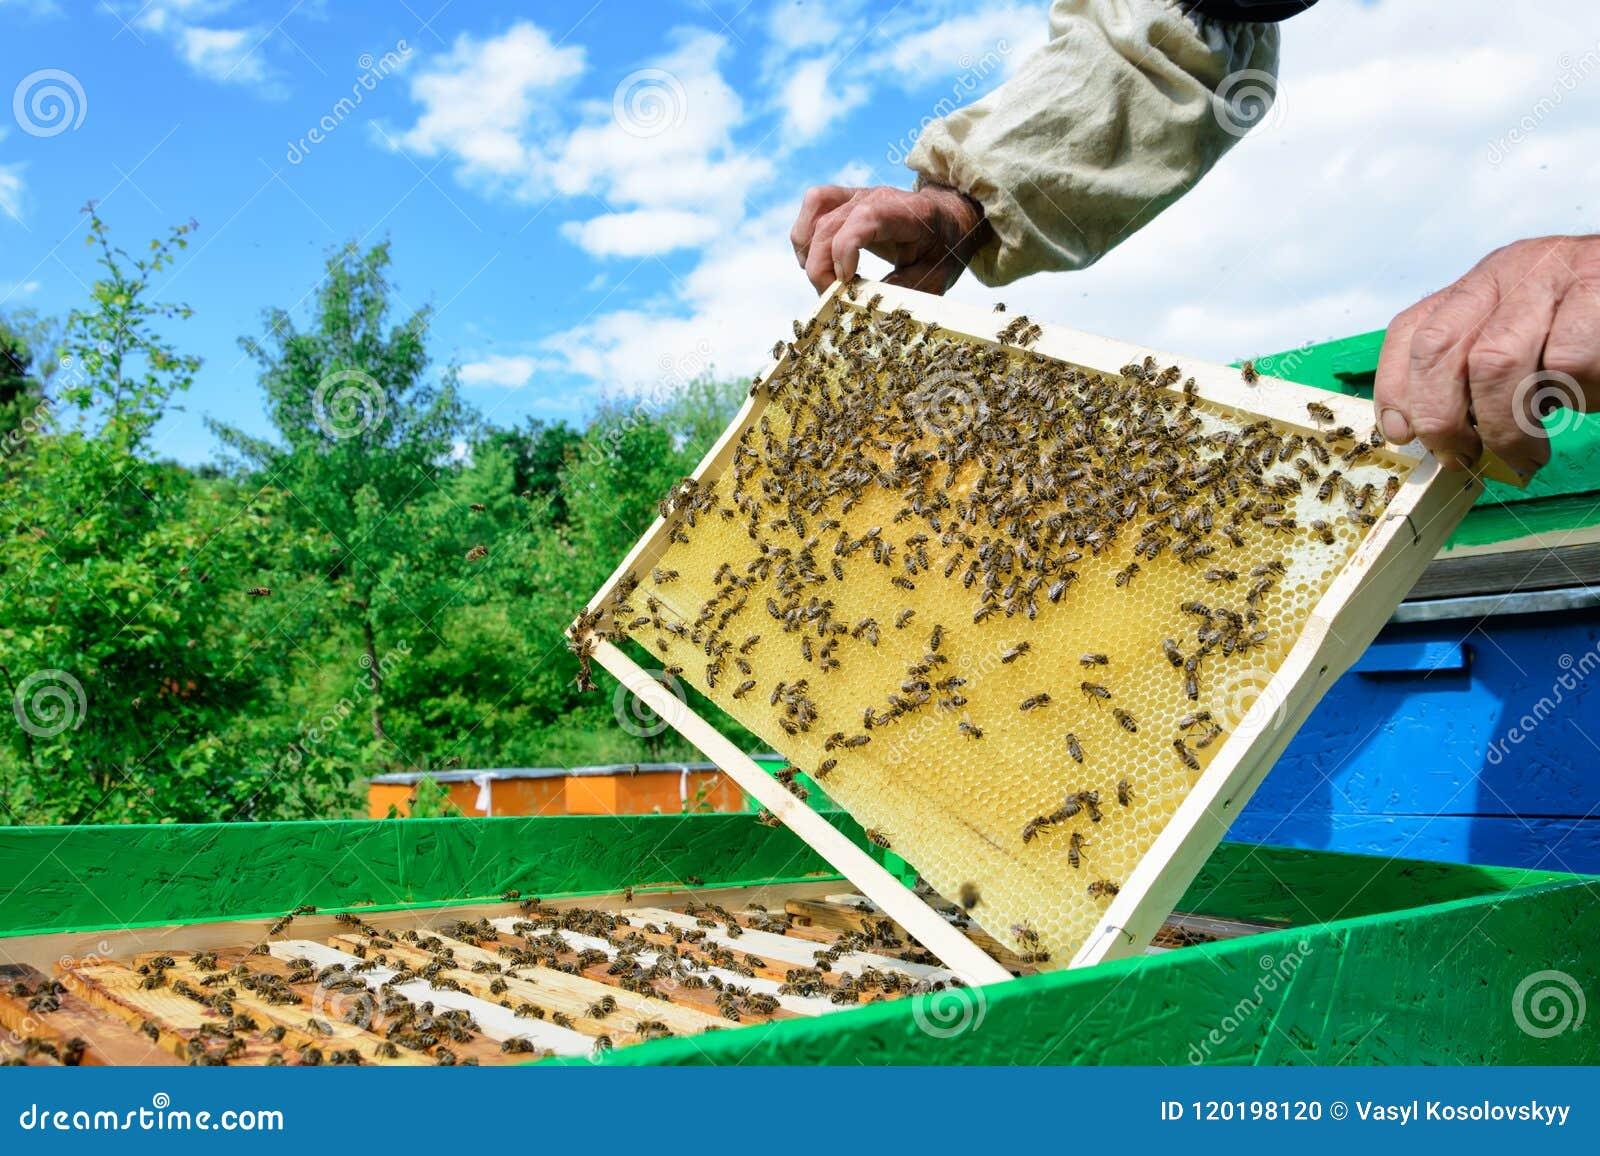 拿着蜂窝的蜂农有很多蜂 检查蜂窝框架的蜂农在蜂房 养蜂业概念